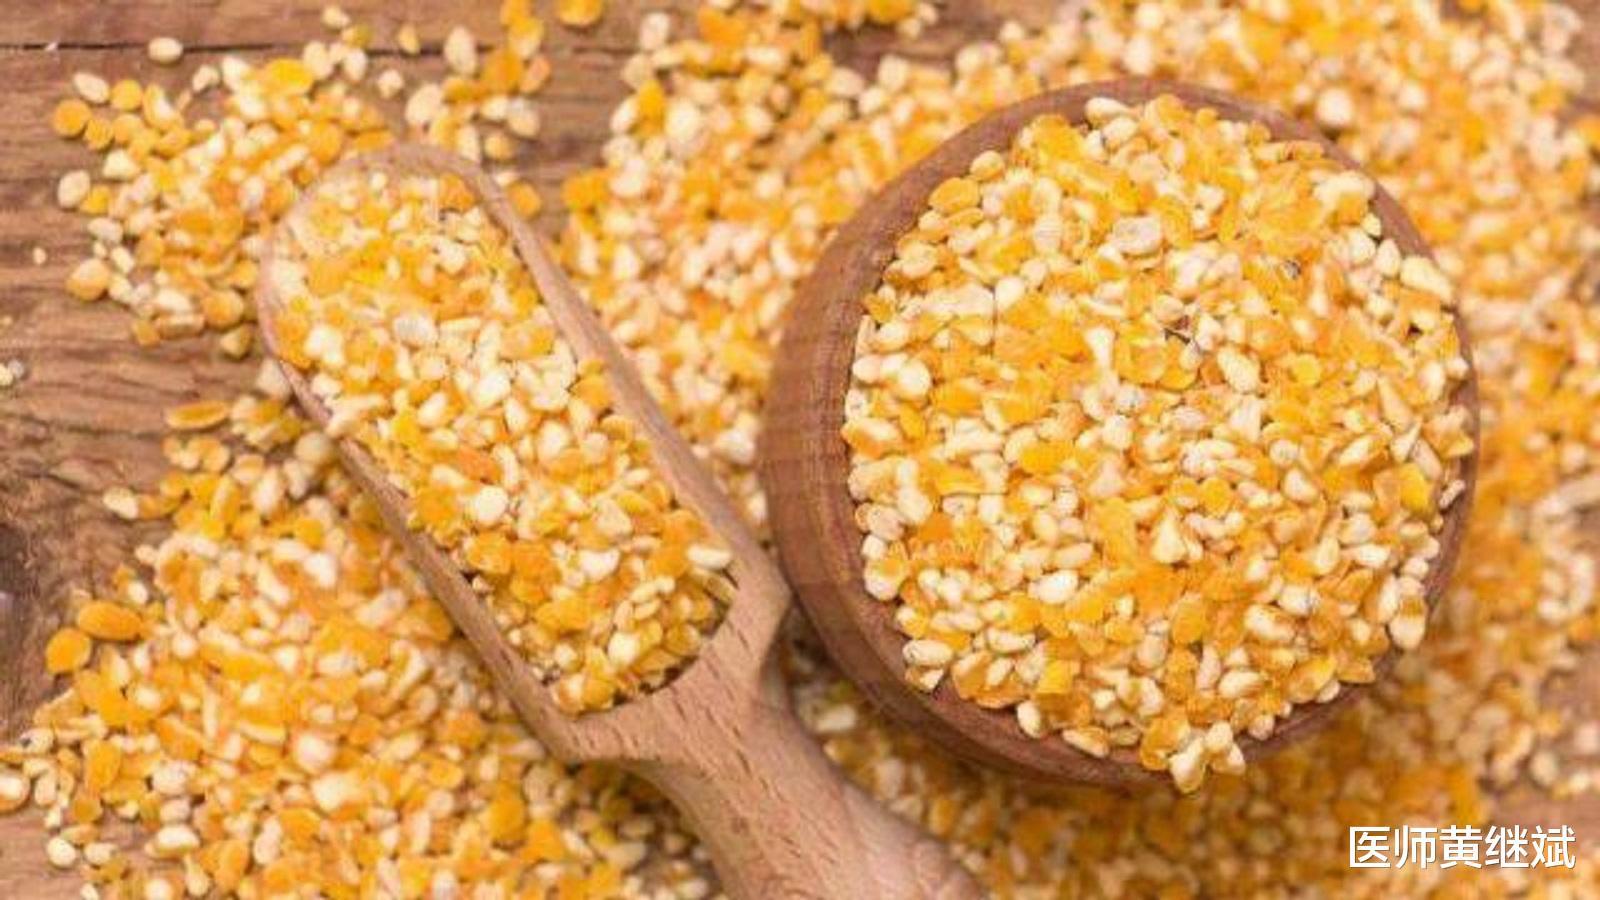 原创具有健脾开胃的功效,常常出现在减肥餐中,玉米真的能减肥吗?